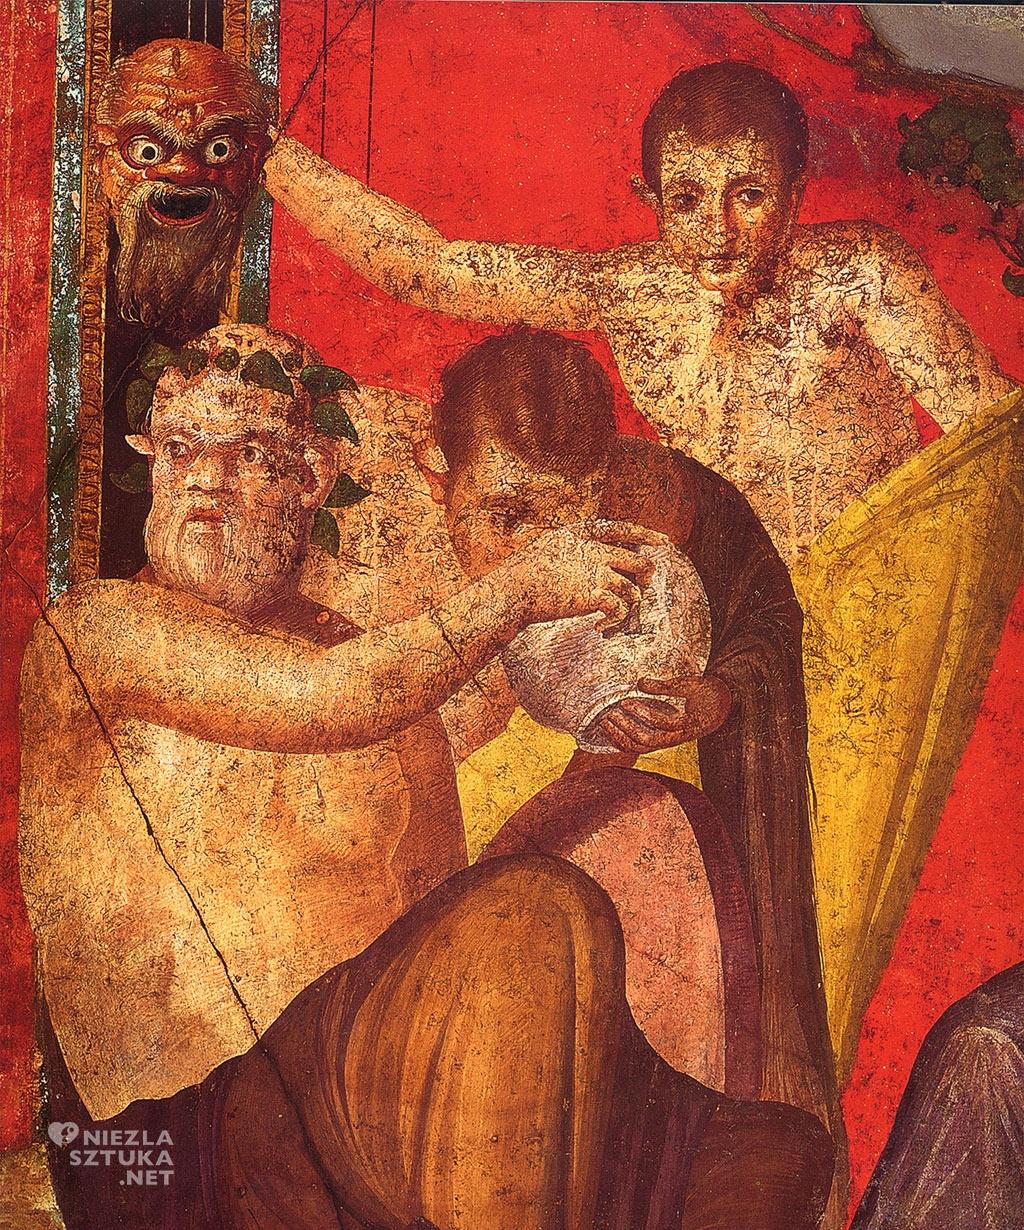 Fryz fresk malarstwo sztuka starożytność pompeje Willa misteriów niezlasztuka.net